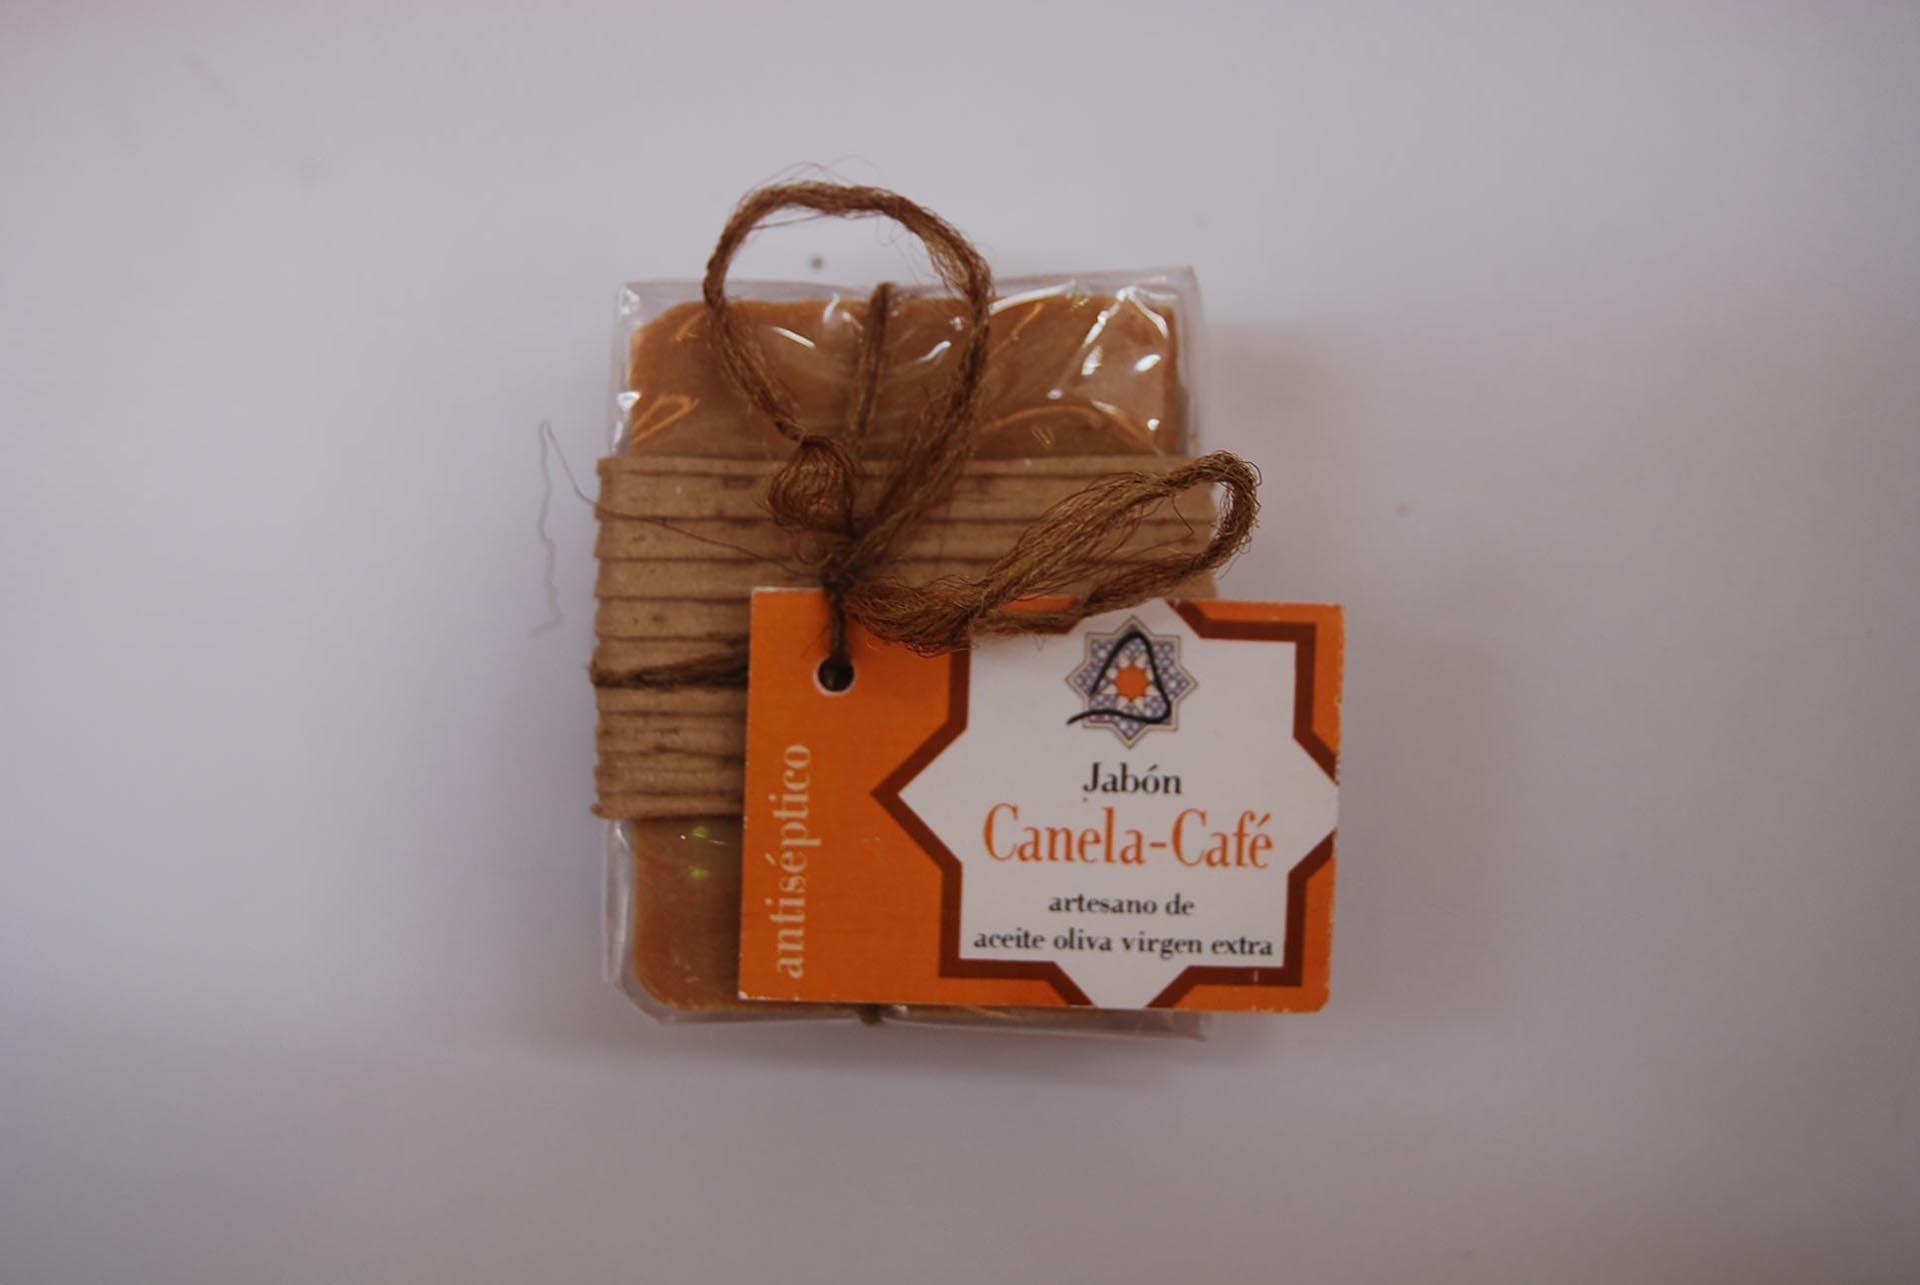 Jabón artesano de canela y café: Productos of Arahí